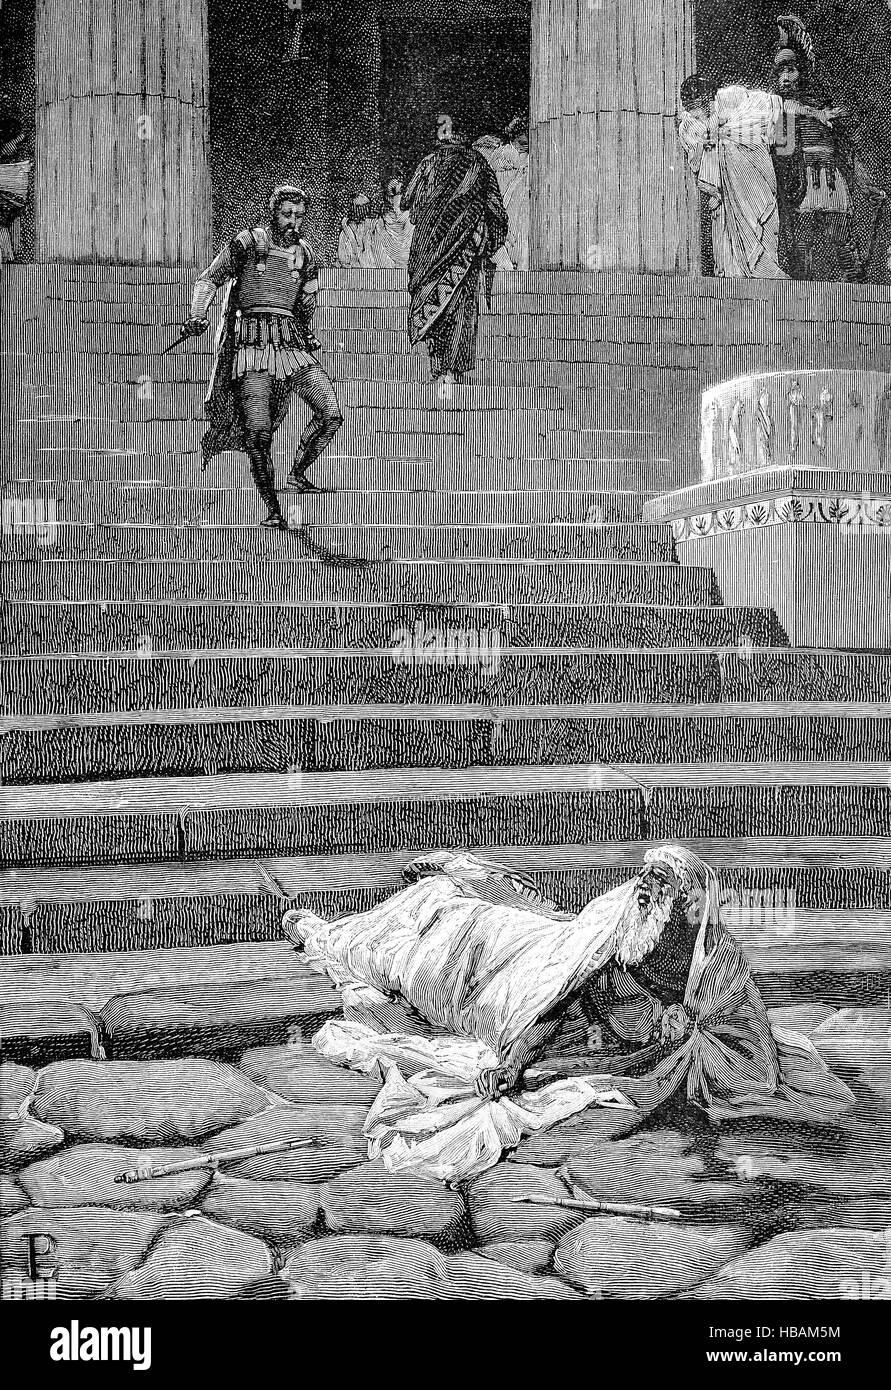 tot von Servius Tullius, der legendären sechsten König von Rom, historische Darstellung aus dem Jahr 1880 Stockbild